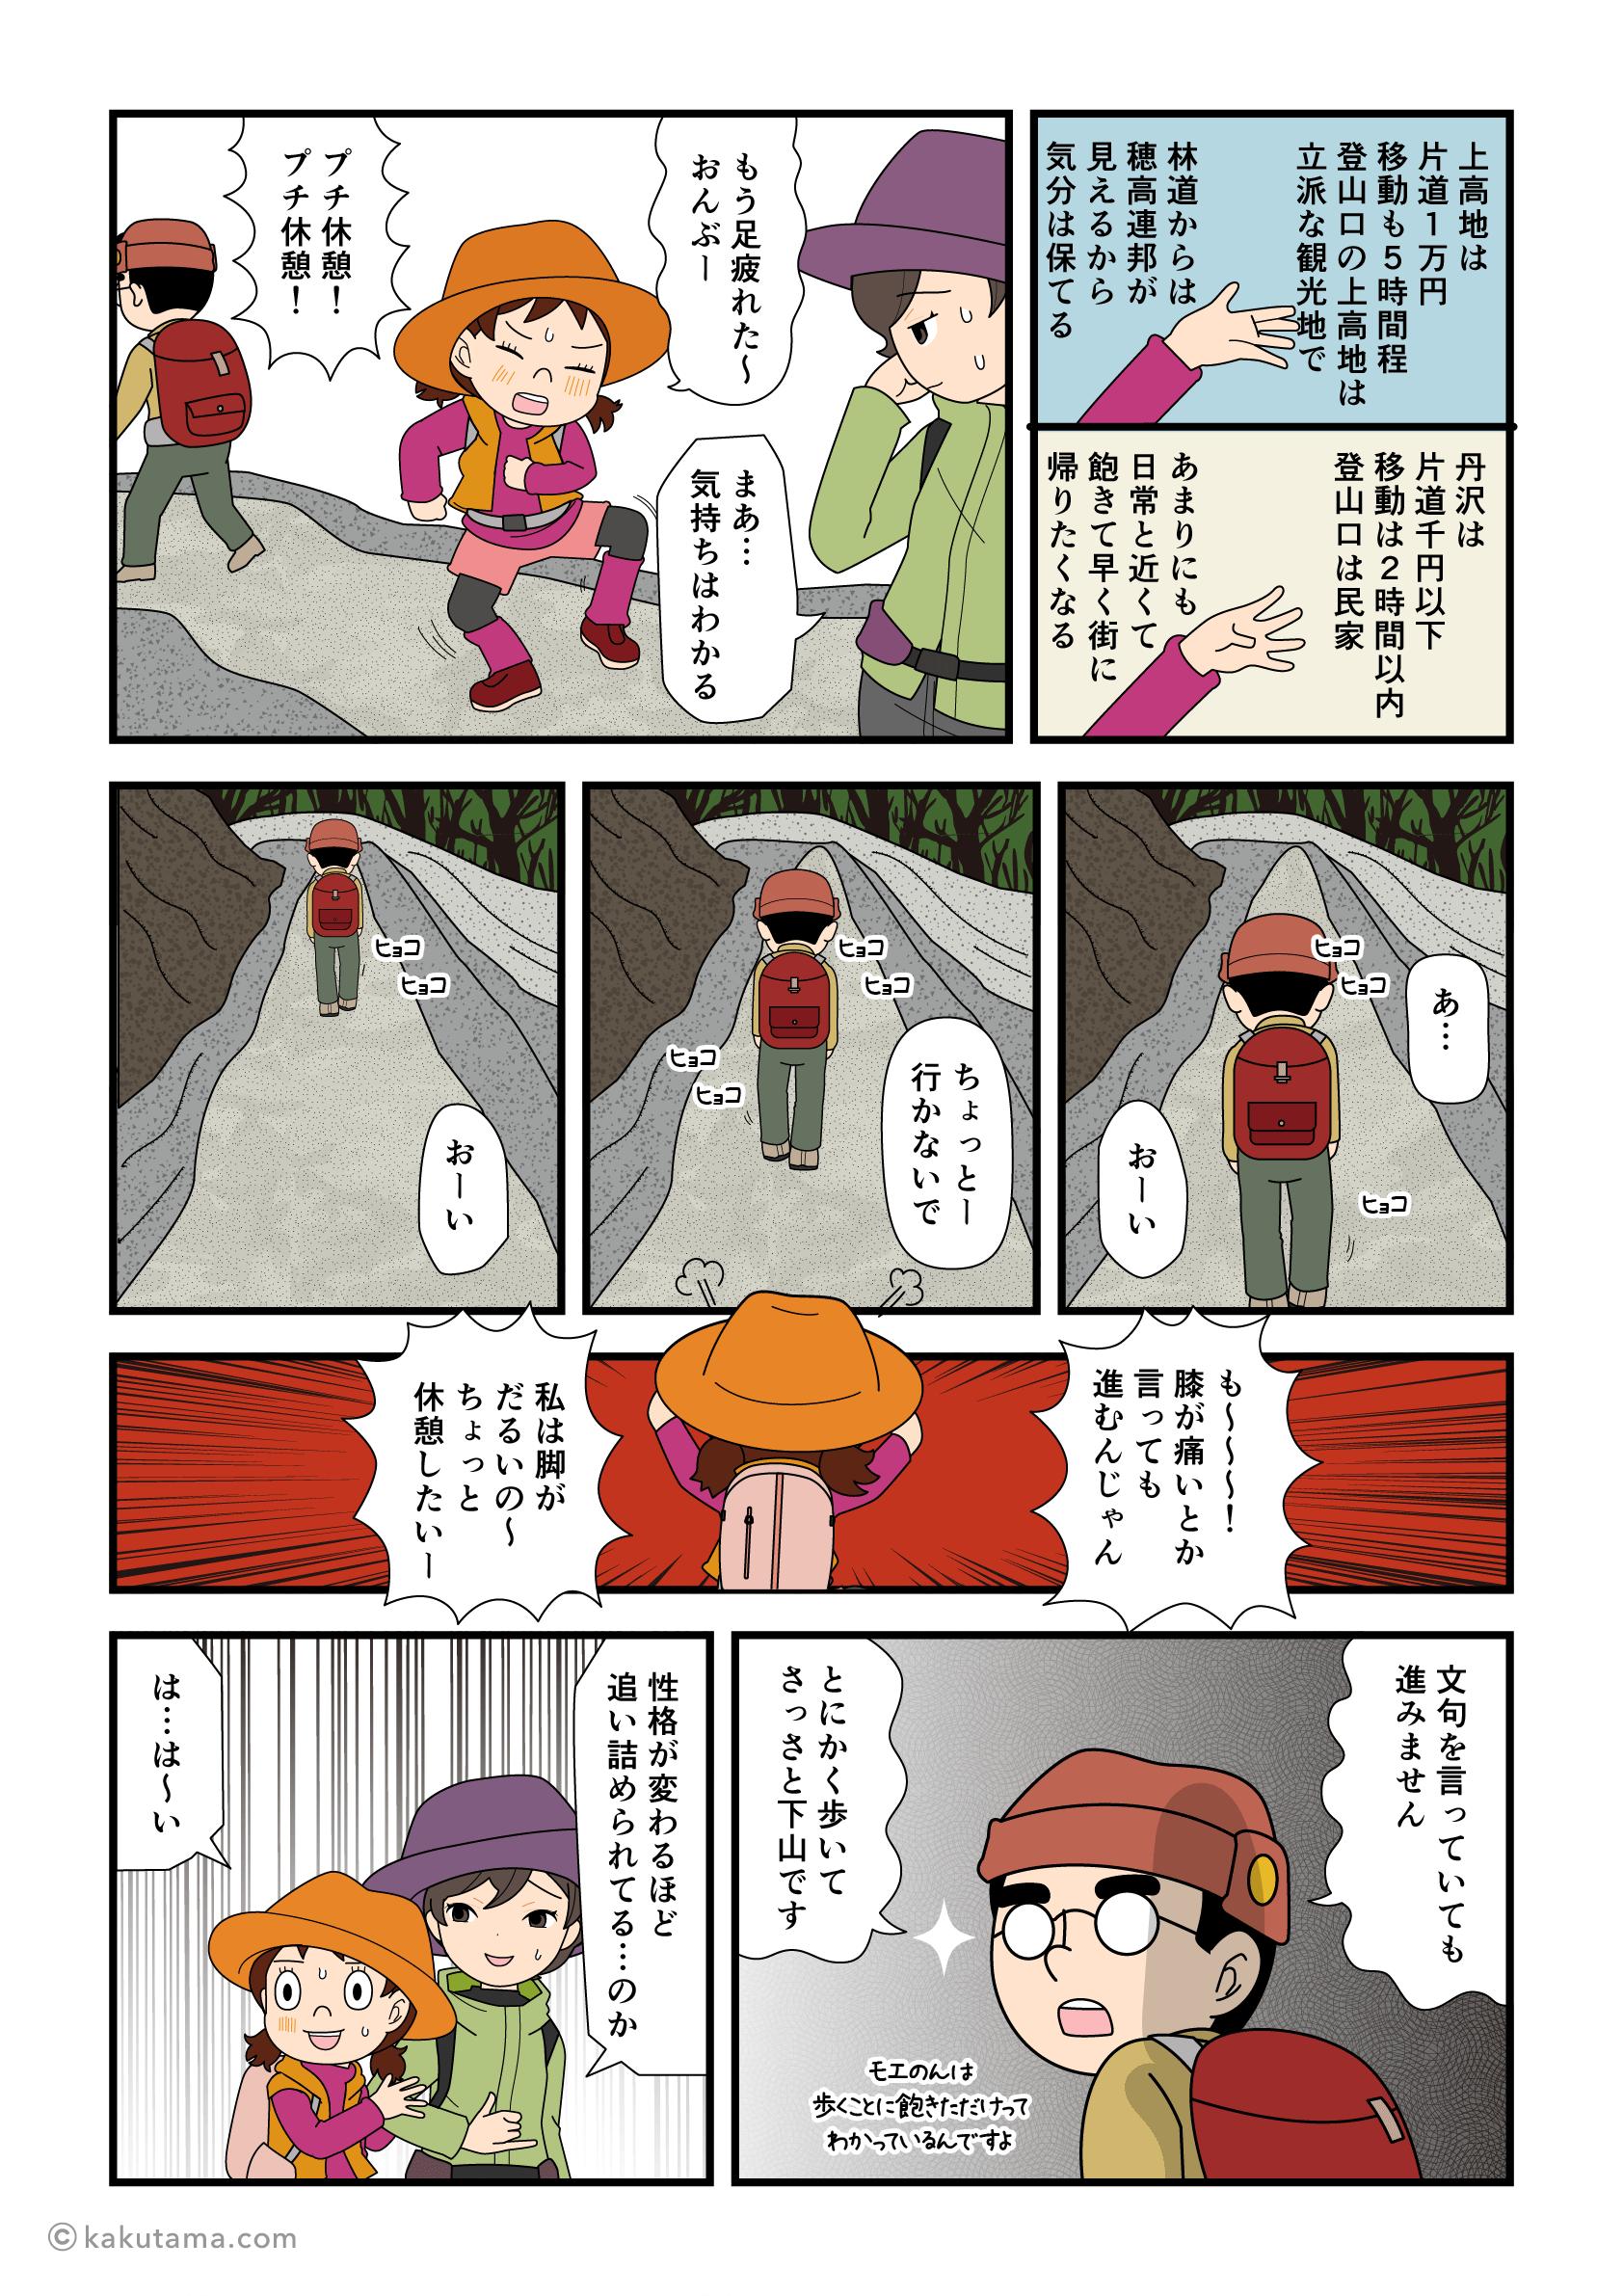 ぐだぐだ小休止をとるより、とにかく歩いて下山したい登山者の漫画